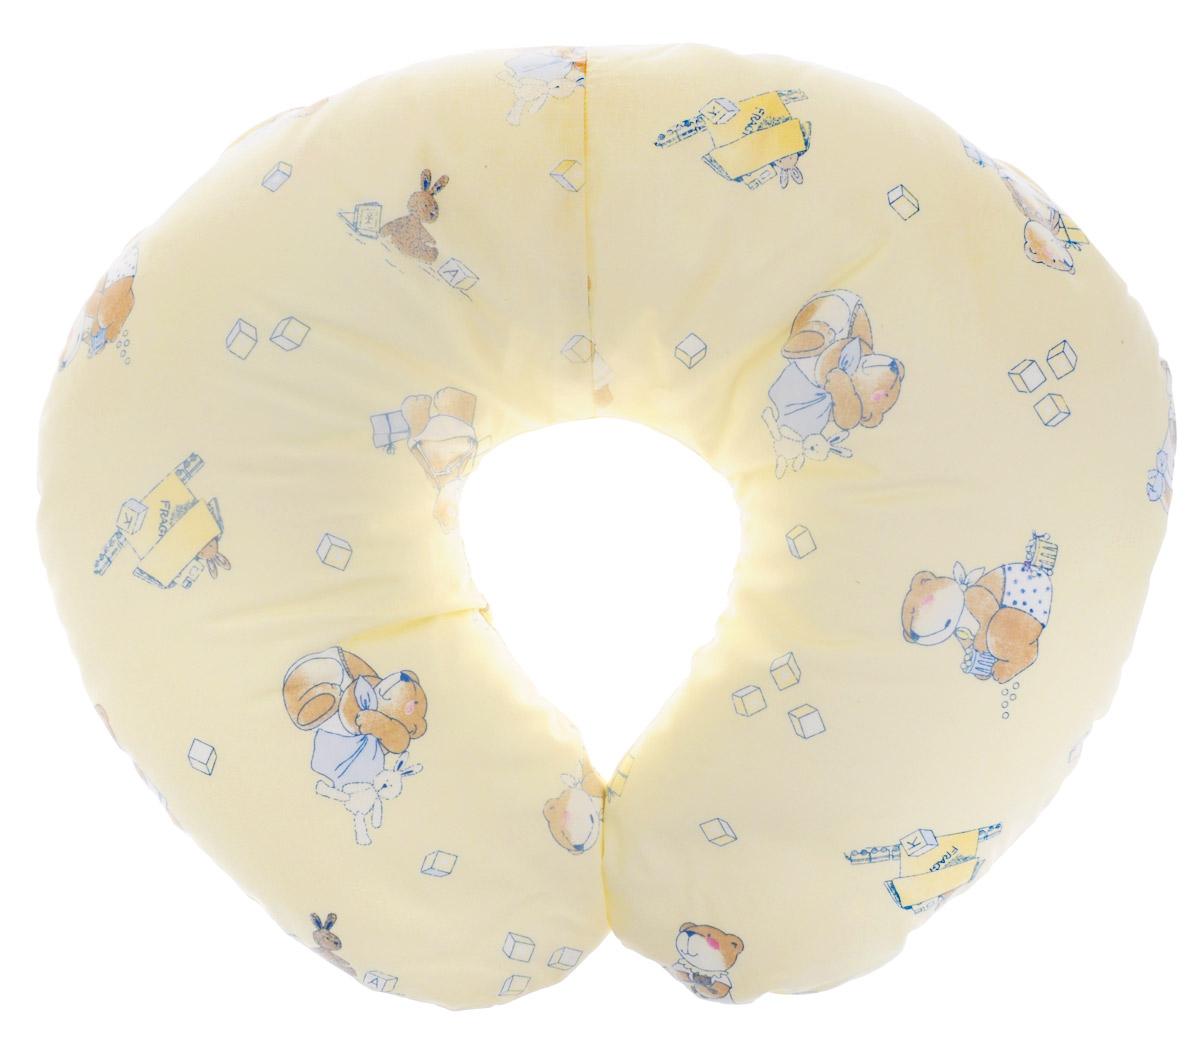 Plantex Подушка для кормящих и беременных мам Comfy Small Мишка и заяц цвет желтый531-105Подушка для кормящих и беременных мам Plantex Comfy Small. Мишка и Заяц идеальна для удобства ребенка и его родителей.Зачастую именно эта модель называется подушкой для беременных. Ведь она создана именно для будущих мам с учетом всех анатомических особенностей в этот период. На любом сроке беременности она бережно поддержит растущий животик и поможет сохранить комфортное и безопасное положение во время сна. Также подушка идеально подходит для кормления уже появившегося малыша. Позже многофункциональная подушка поможет ему сохранить равновесие при первых попытках сесть.Чехол подушки выполнен из 100 % хлопка и снабжен застежкой-молнией, что позволяет без труда снять и постирать его. Наполнителем подушки служат полистироловые шарики - экологичные, не деформируются сами и хорошо сохраняют форму подушки.Подушка для кормящих и беременных мам - это удобная и практичная вещь, которая прослужит вам долгое время.Подушка поставляется в практичной сумке-чехле.